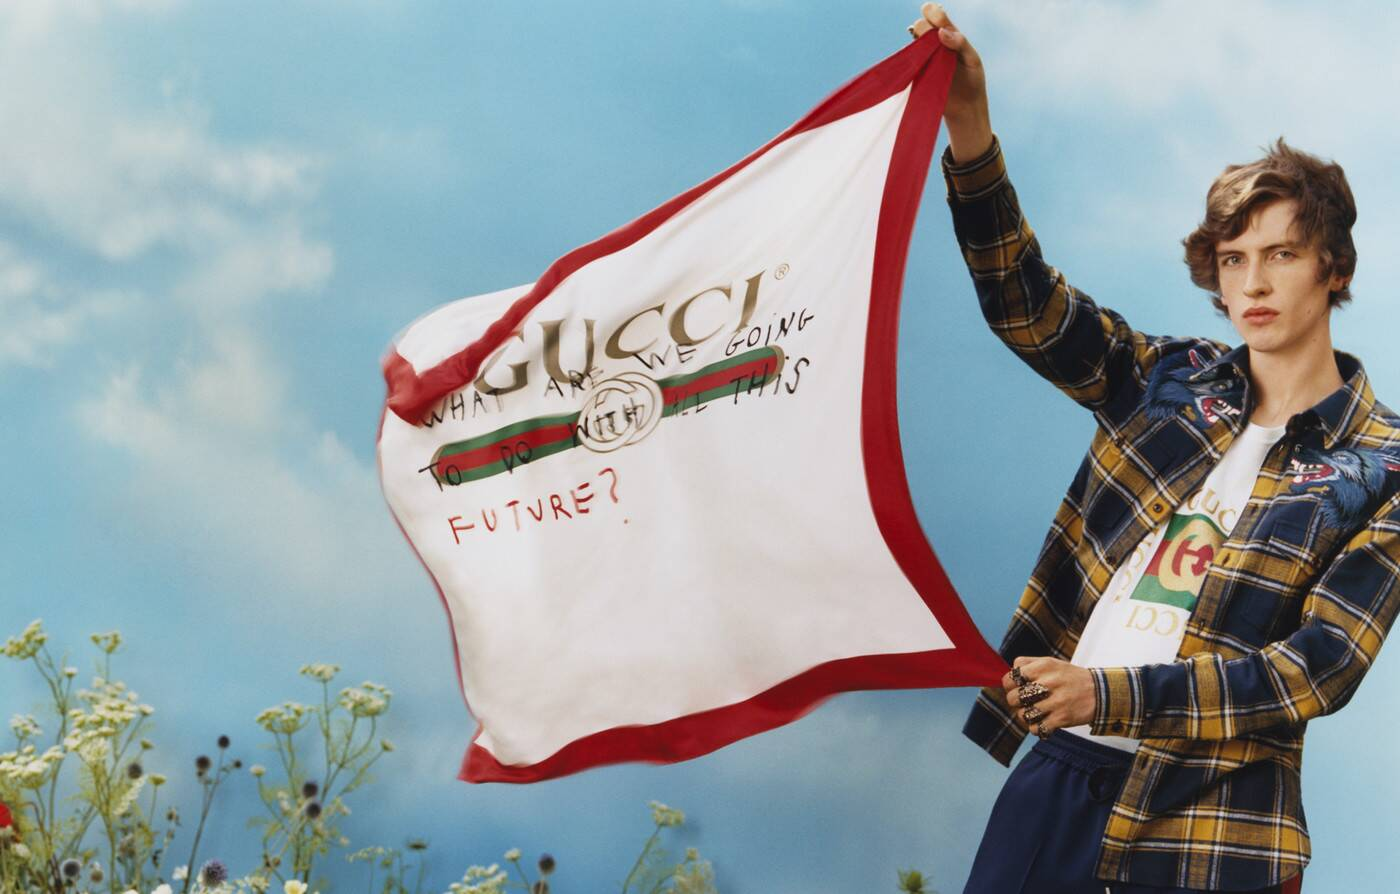 Gucci làm dậy sóng mạng xã hội, kế hoạch truyền thông của nhà mốt Ý? - 8